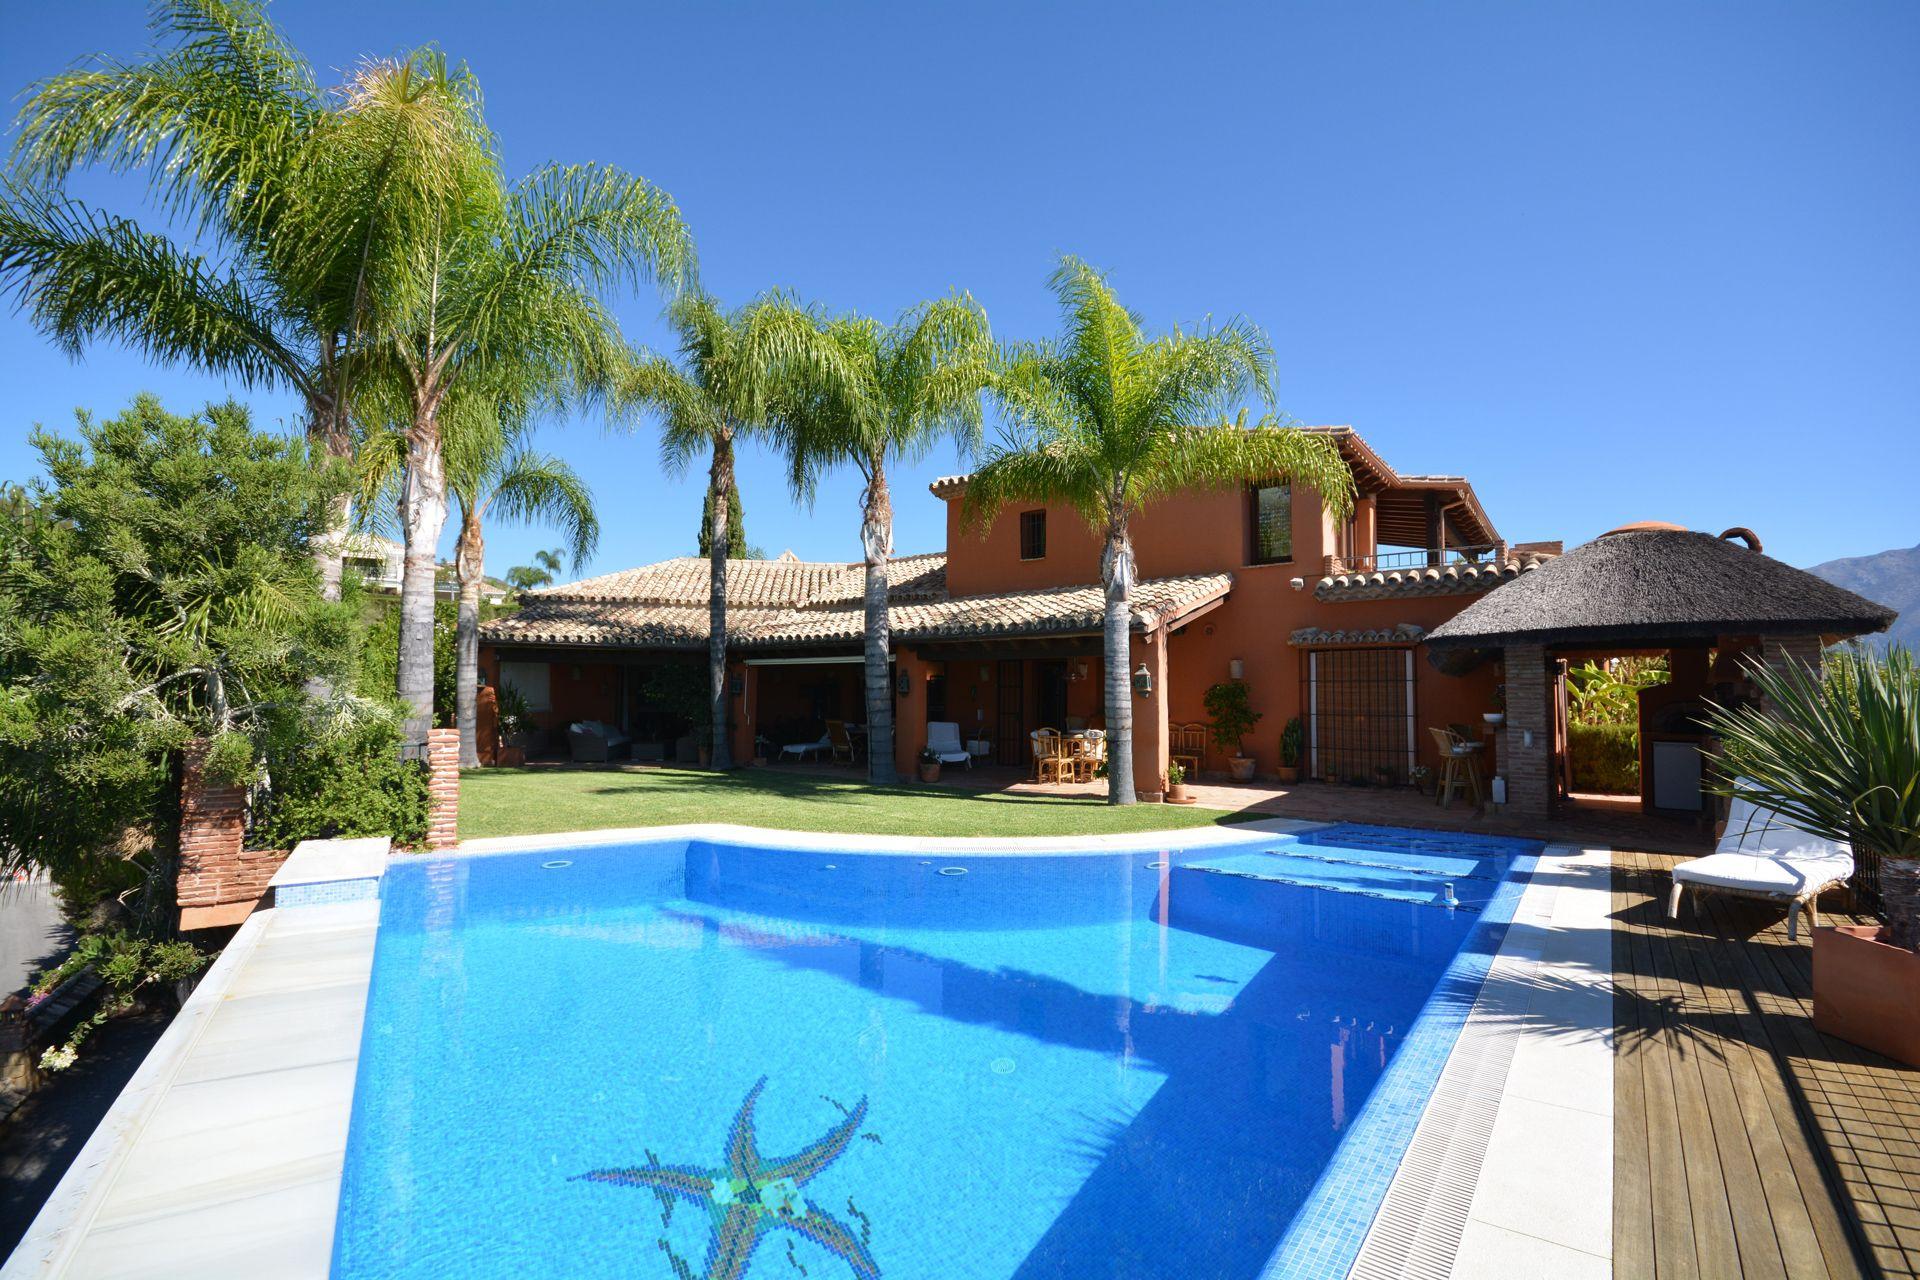 Rustic villa to buy in Nueva Andalucia – Benahavis - Marbella